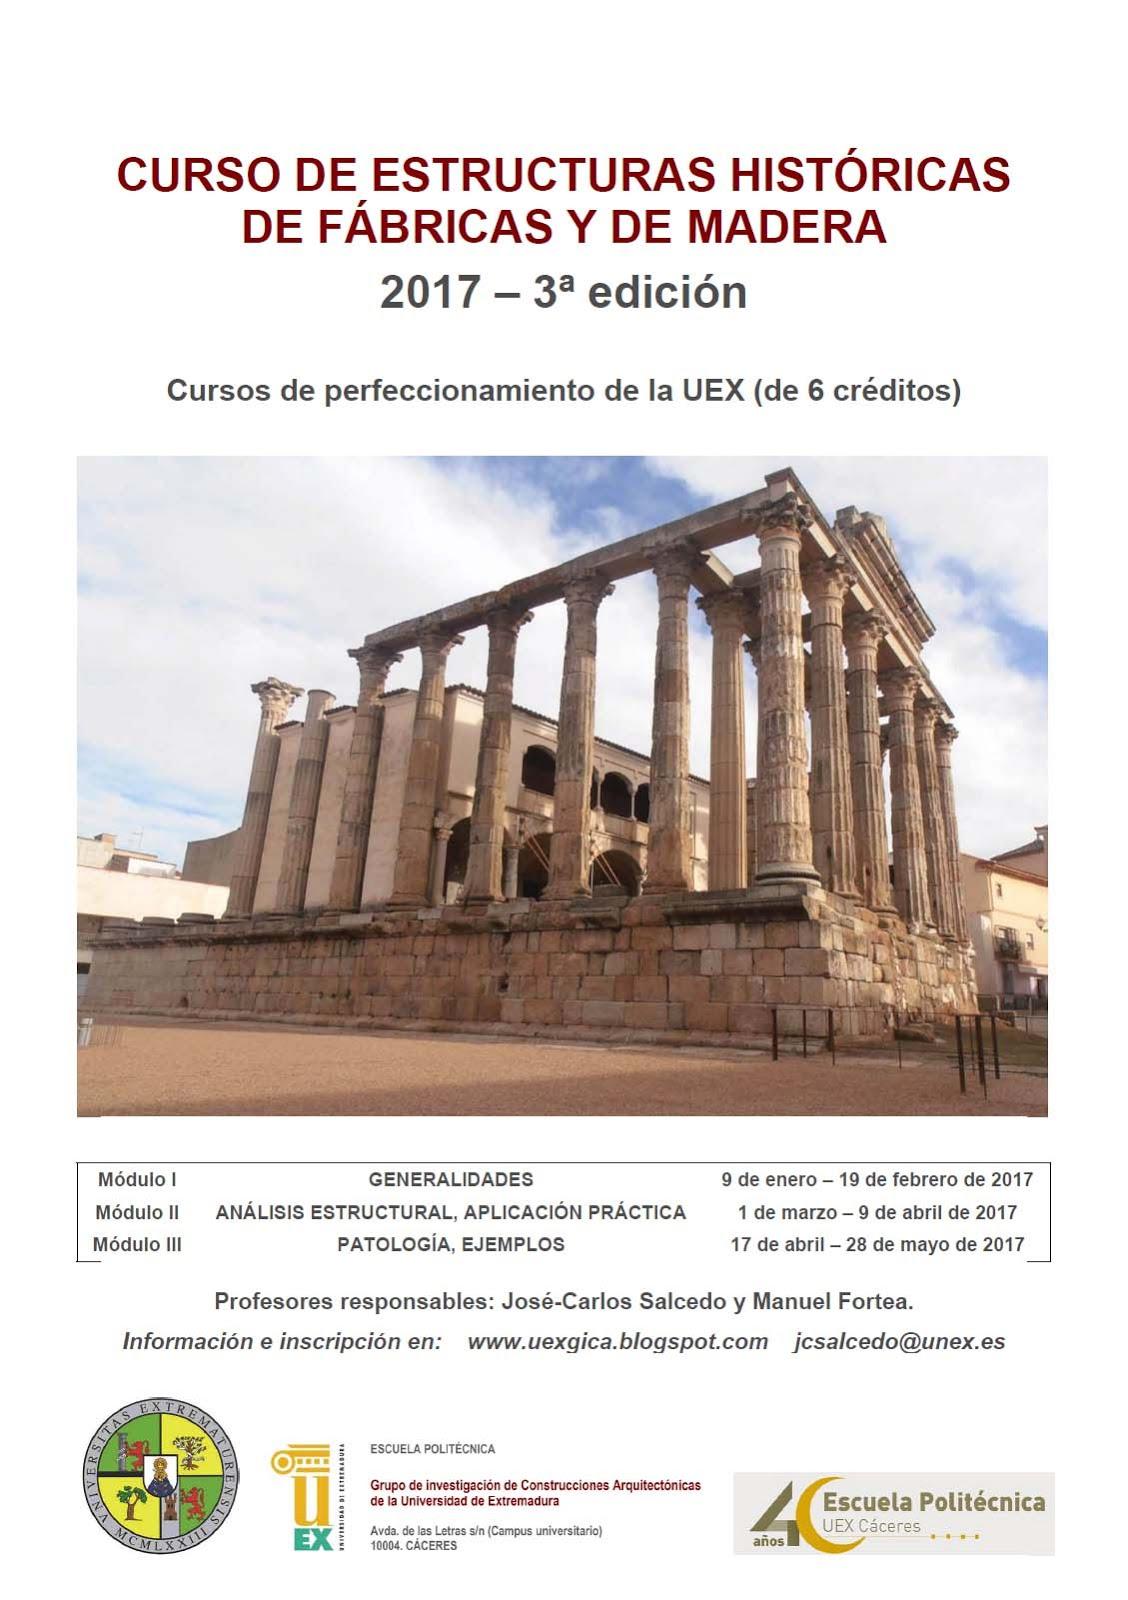 CURSO DE PERFECCIONAMIENTO ON LINE. Próxima edición en 2017